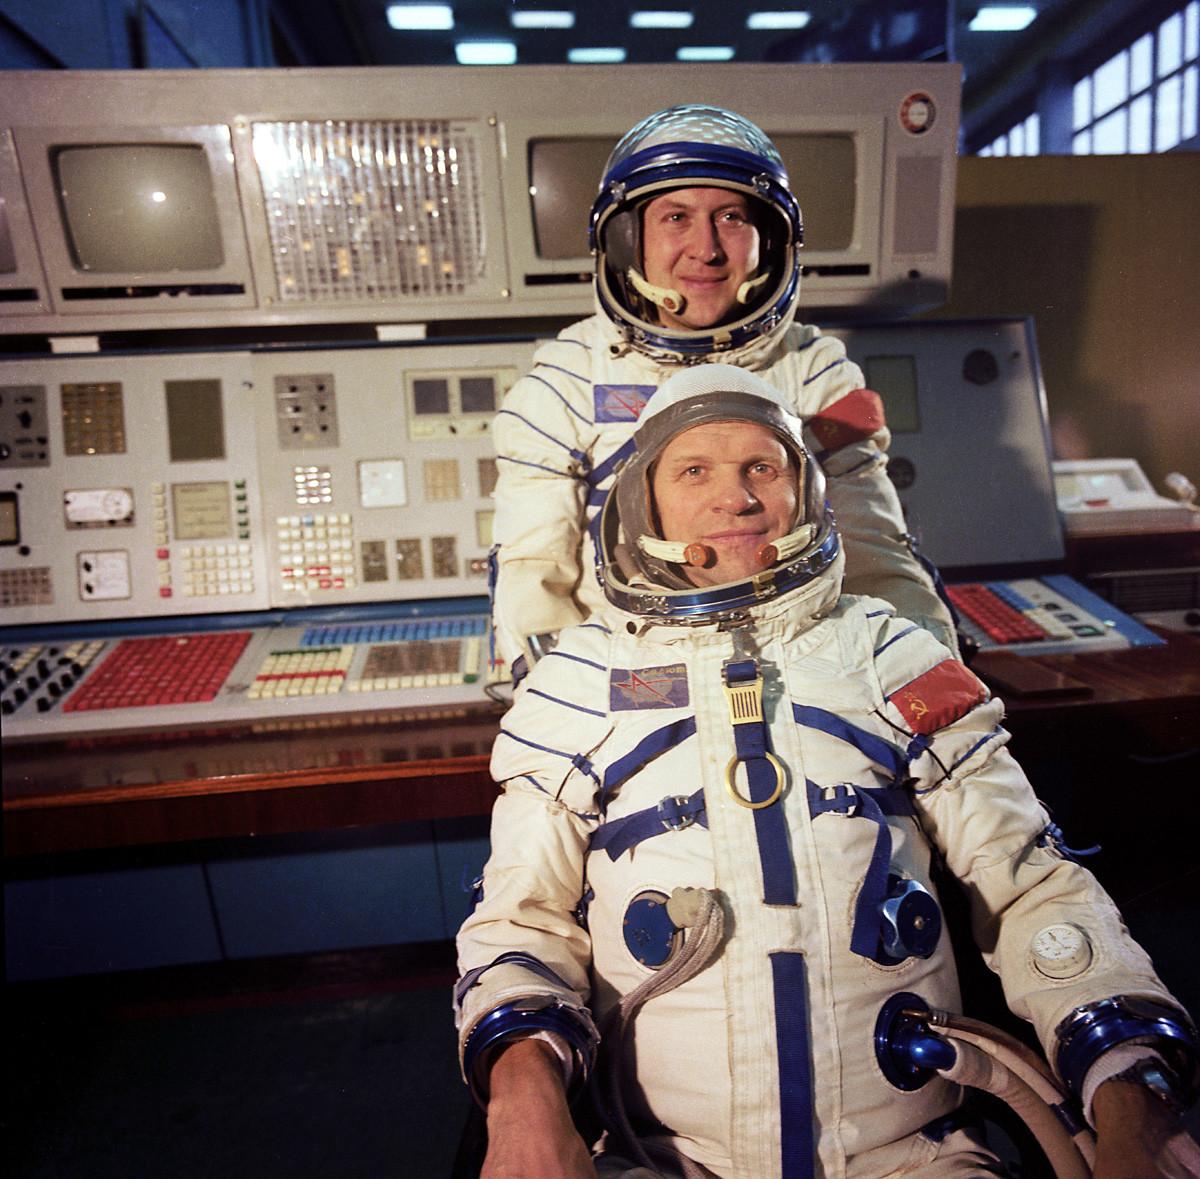 Miembros de la tripulación de la nave Soyuz 28 en el Centro de entrenamiento de cosmonautas Gagarin: cosmonauta Vladímir Rémek (Checoslovaquia) y cosmonauta Alexéi Gúbarev (URSS).